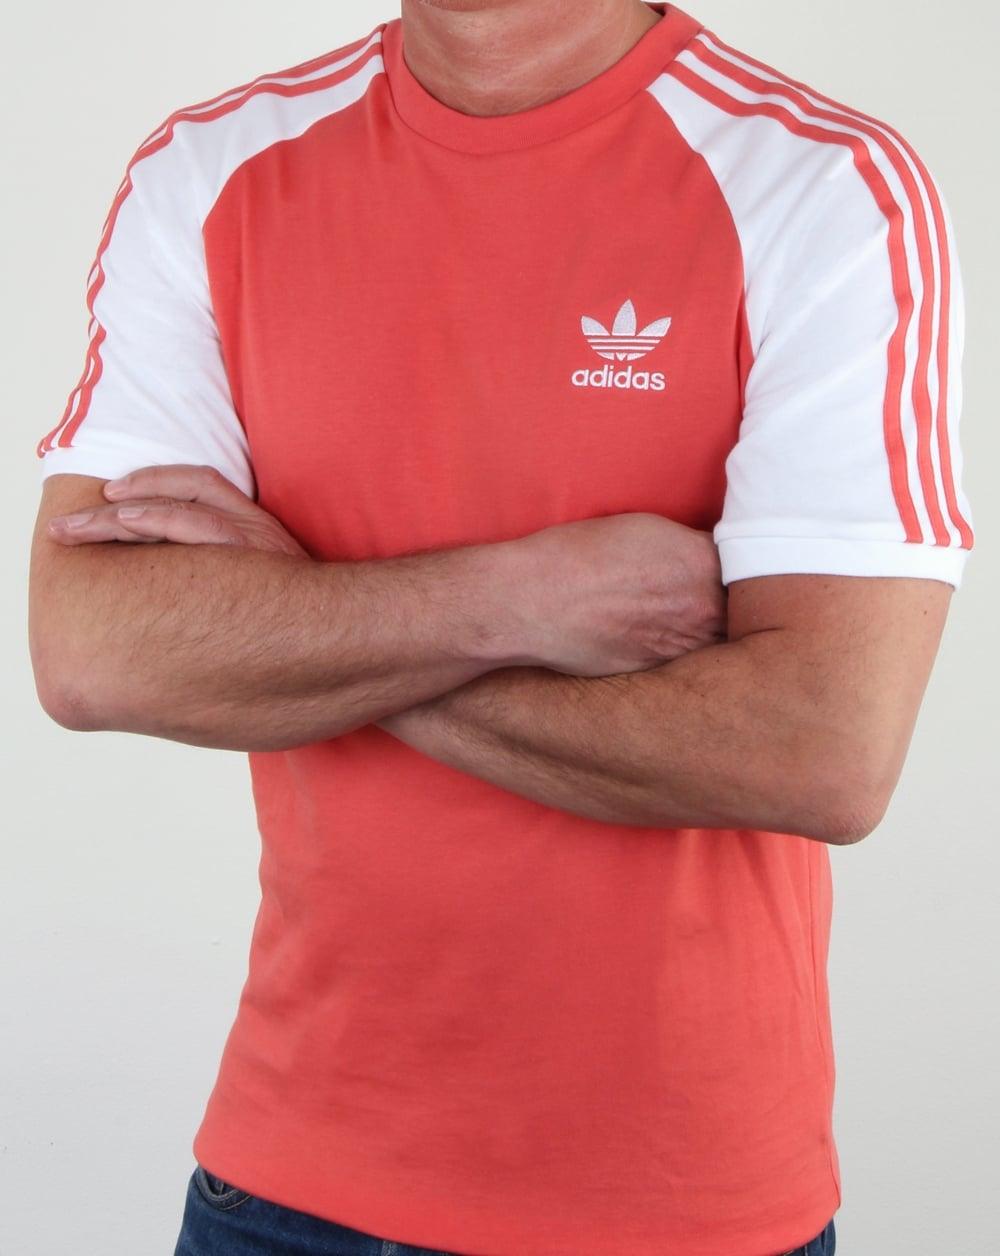 0500a77e27 Adidas Originals 3 Stripes T Shirt Scarlet, Red,white, retro,3,tee